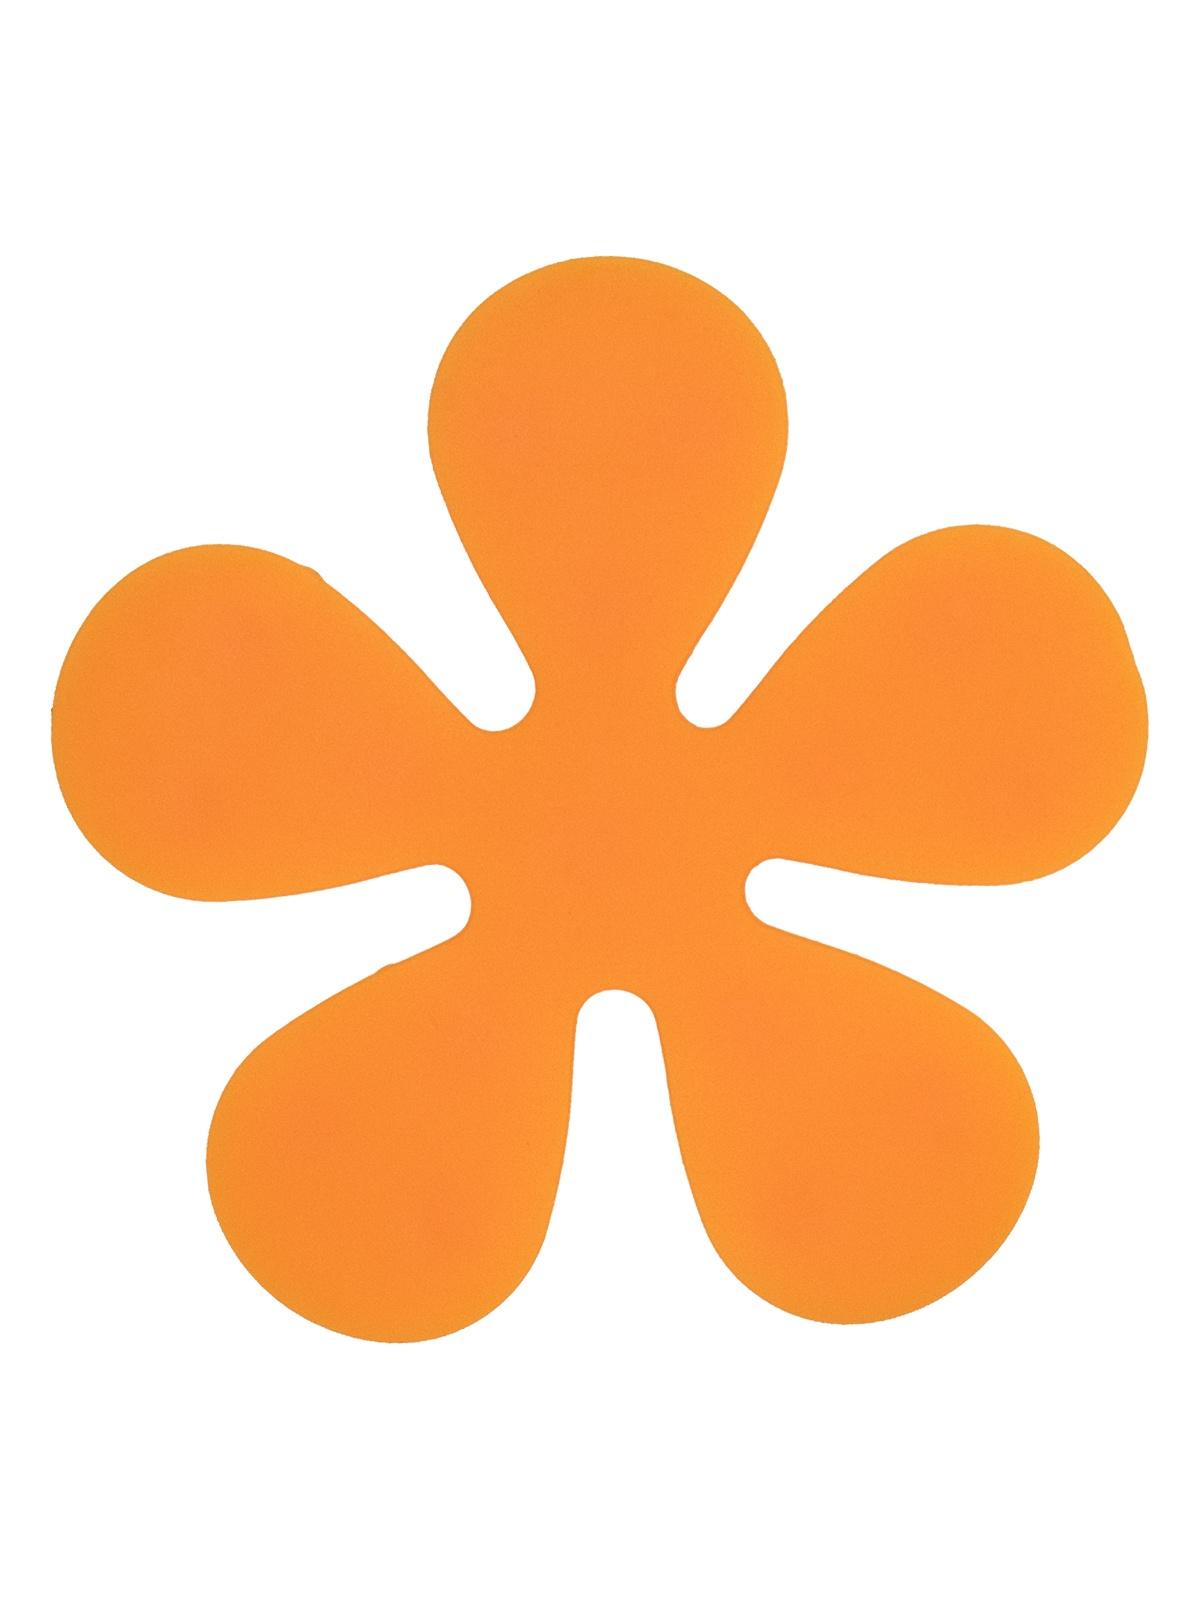 Мини-коврик для ванной комнаты ЦВЕТОК оранжевый